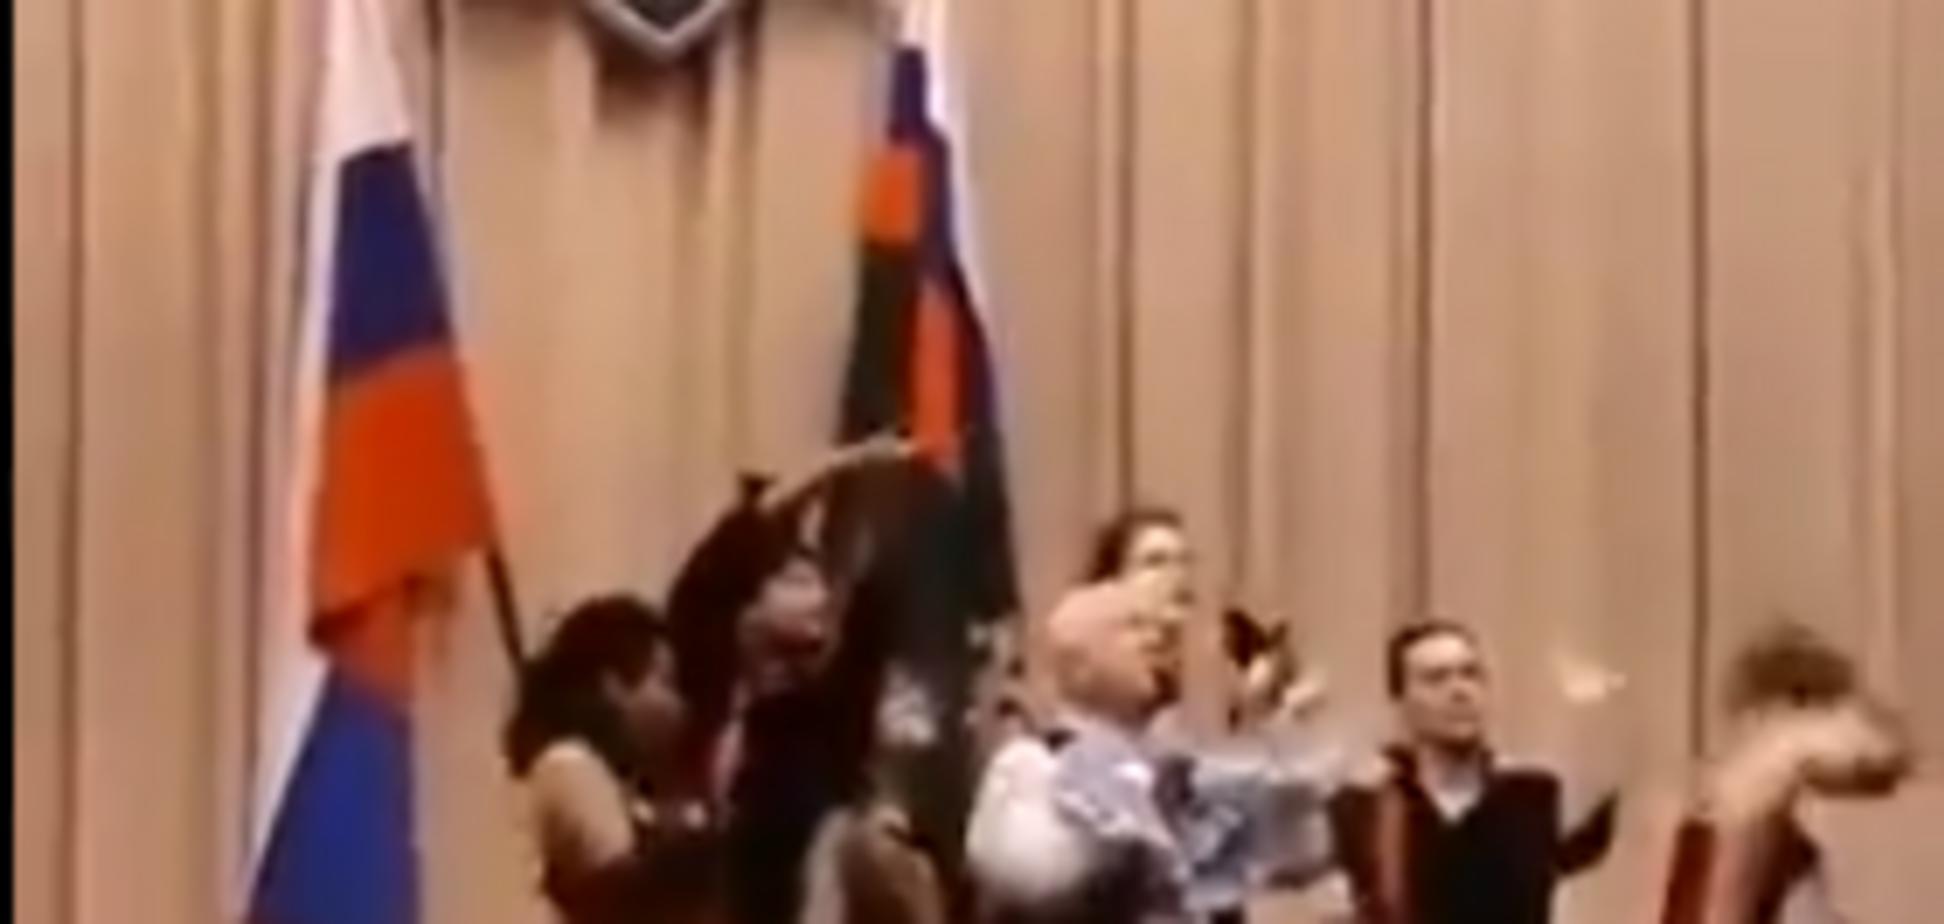 'Девиц с Окружной подвезли': Следком РФ опозорился песнями Моисеева. Видеофакт